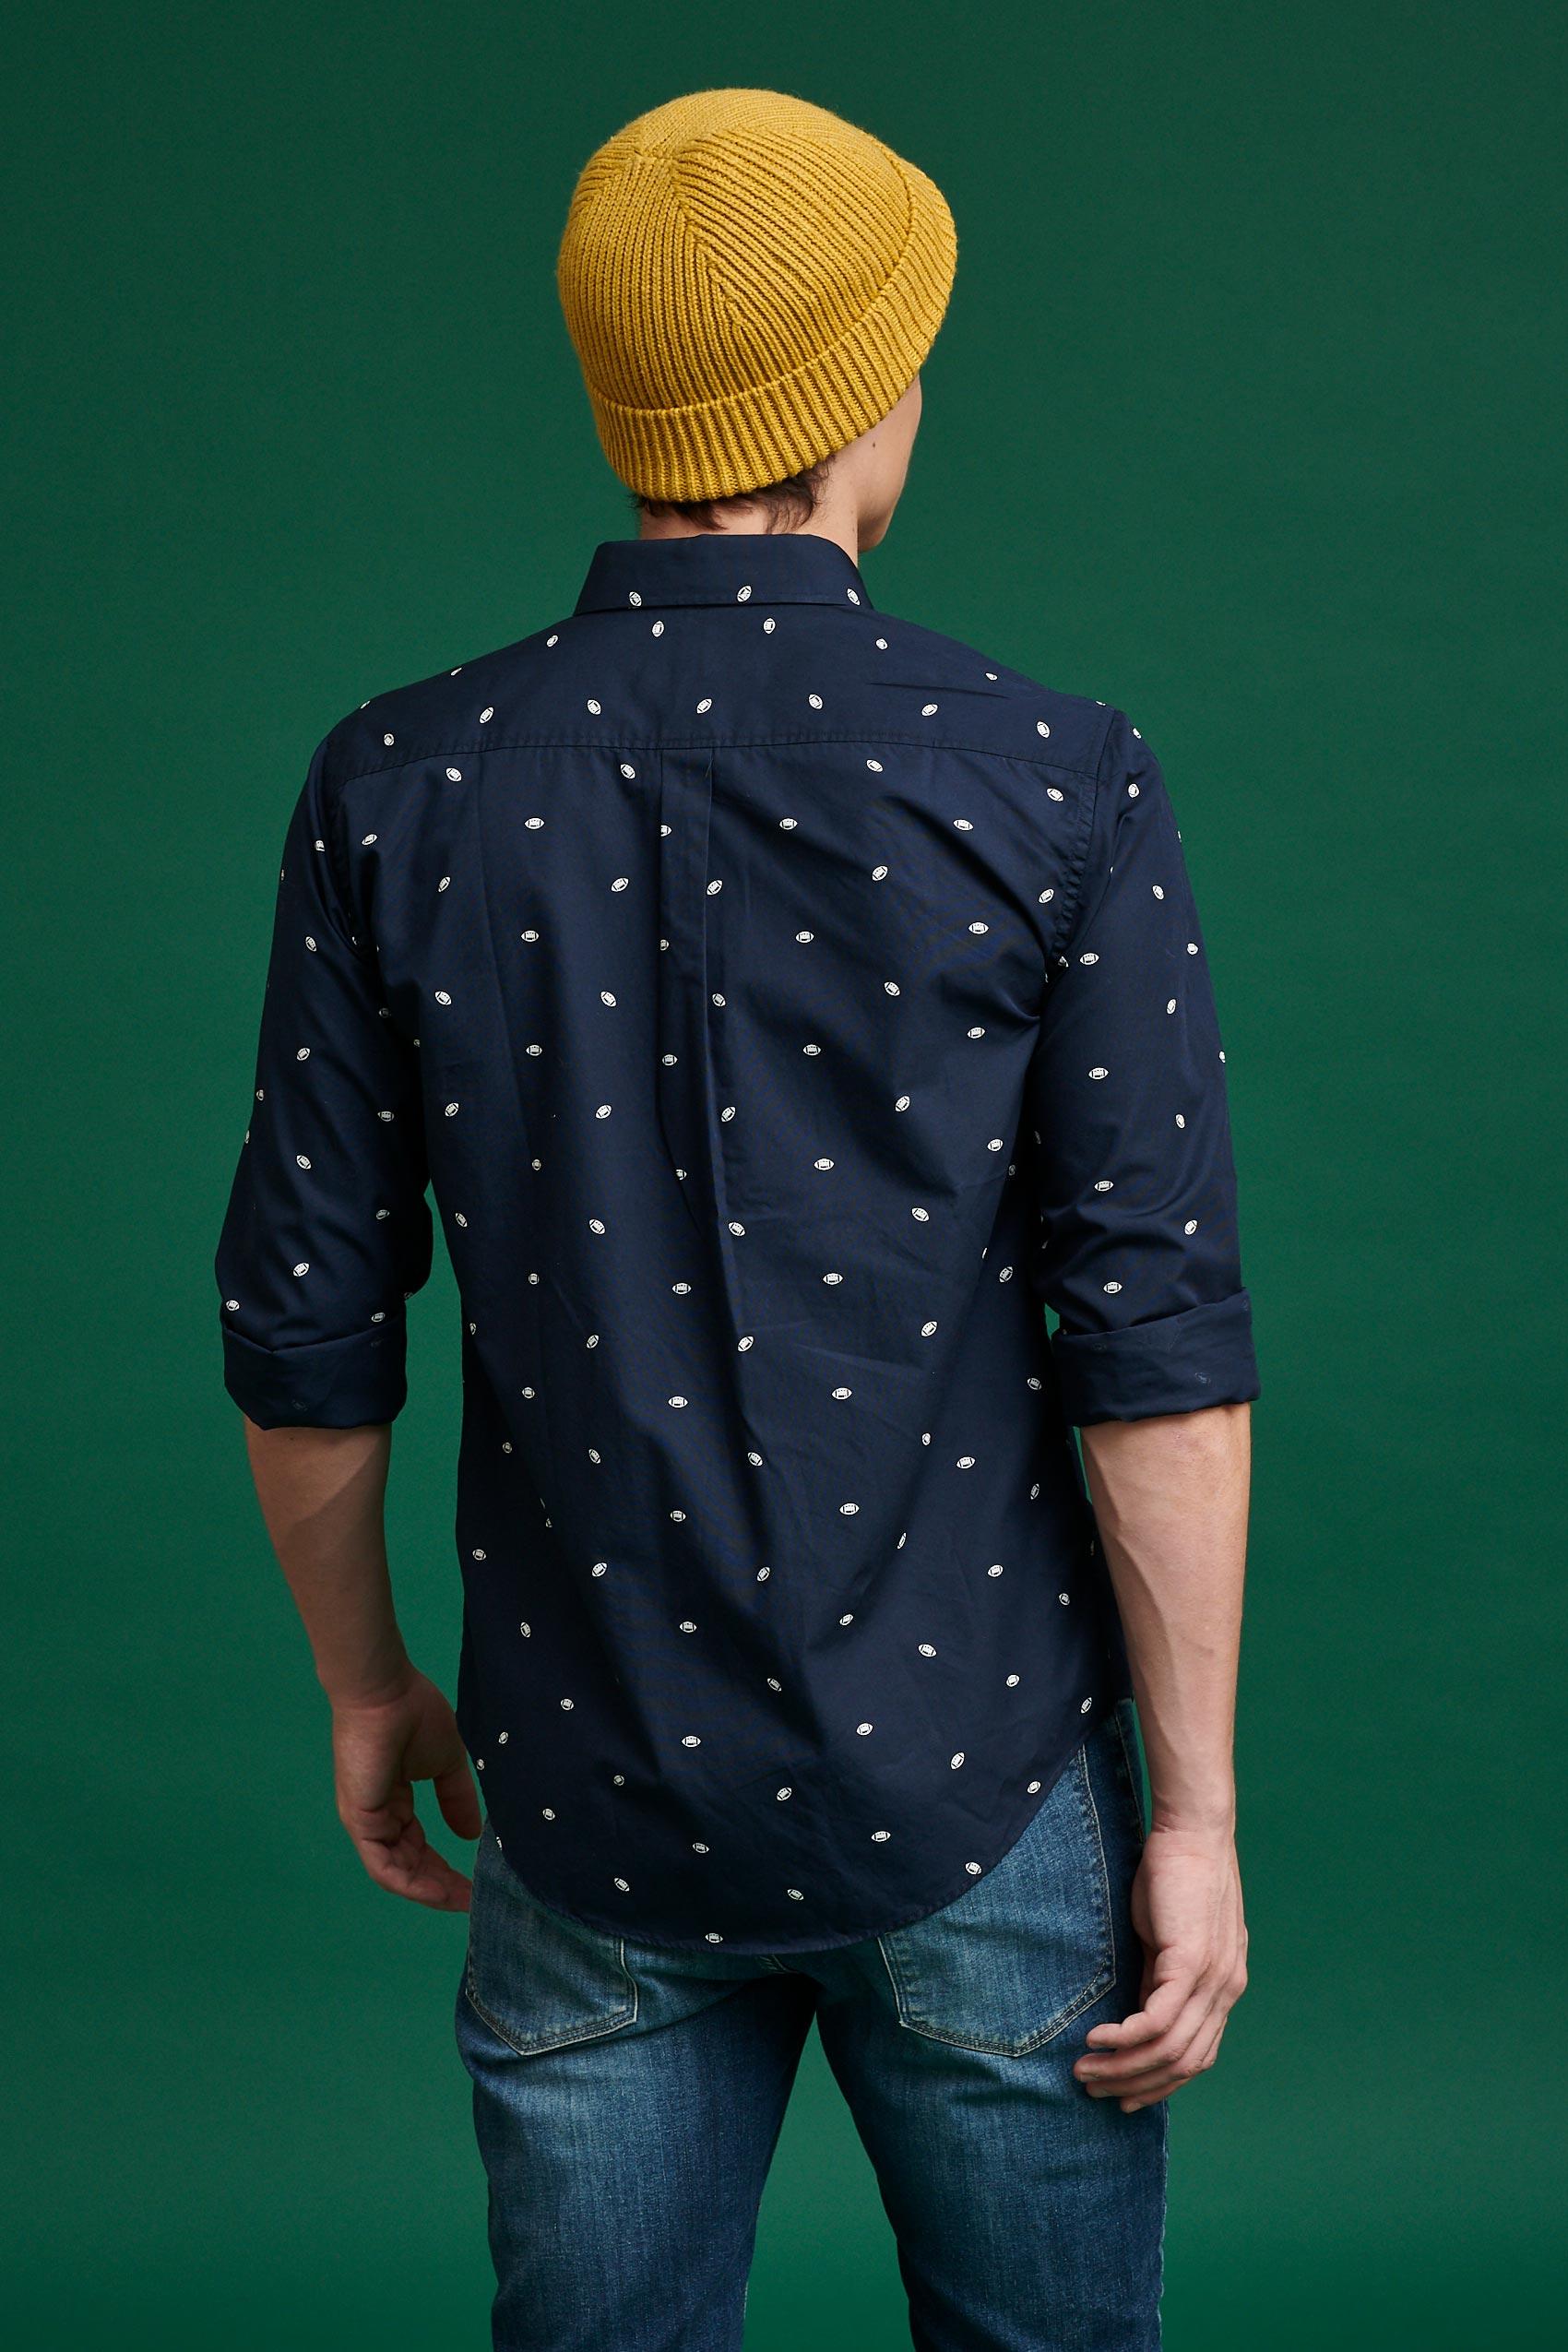 penguin_ls-oval-print-poplin-shirt-b/d-w/pkt_00-21-2020__picture-15003